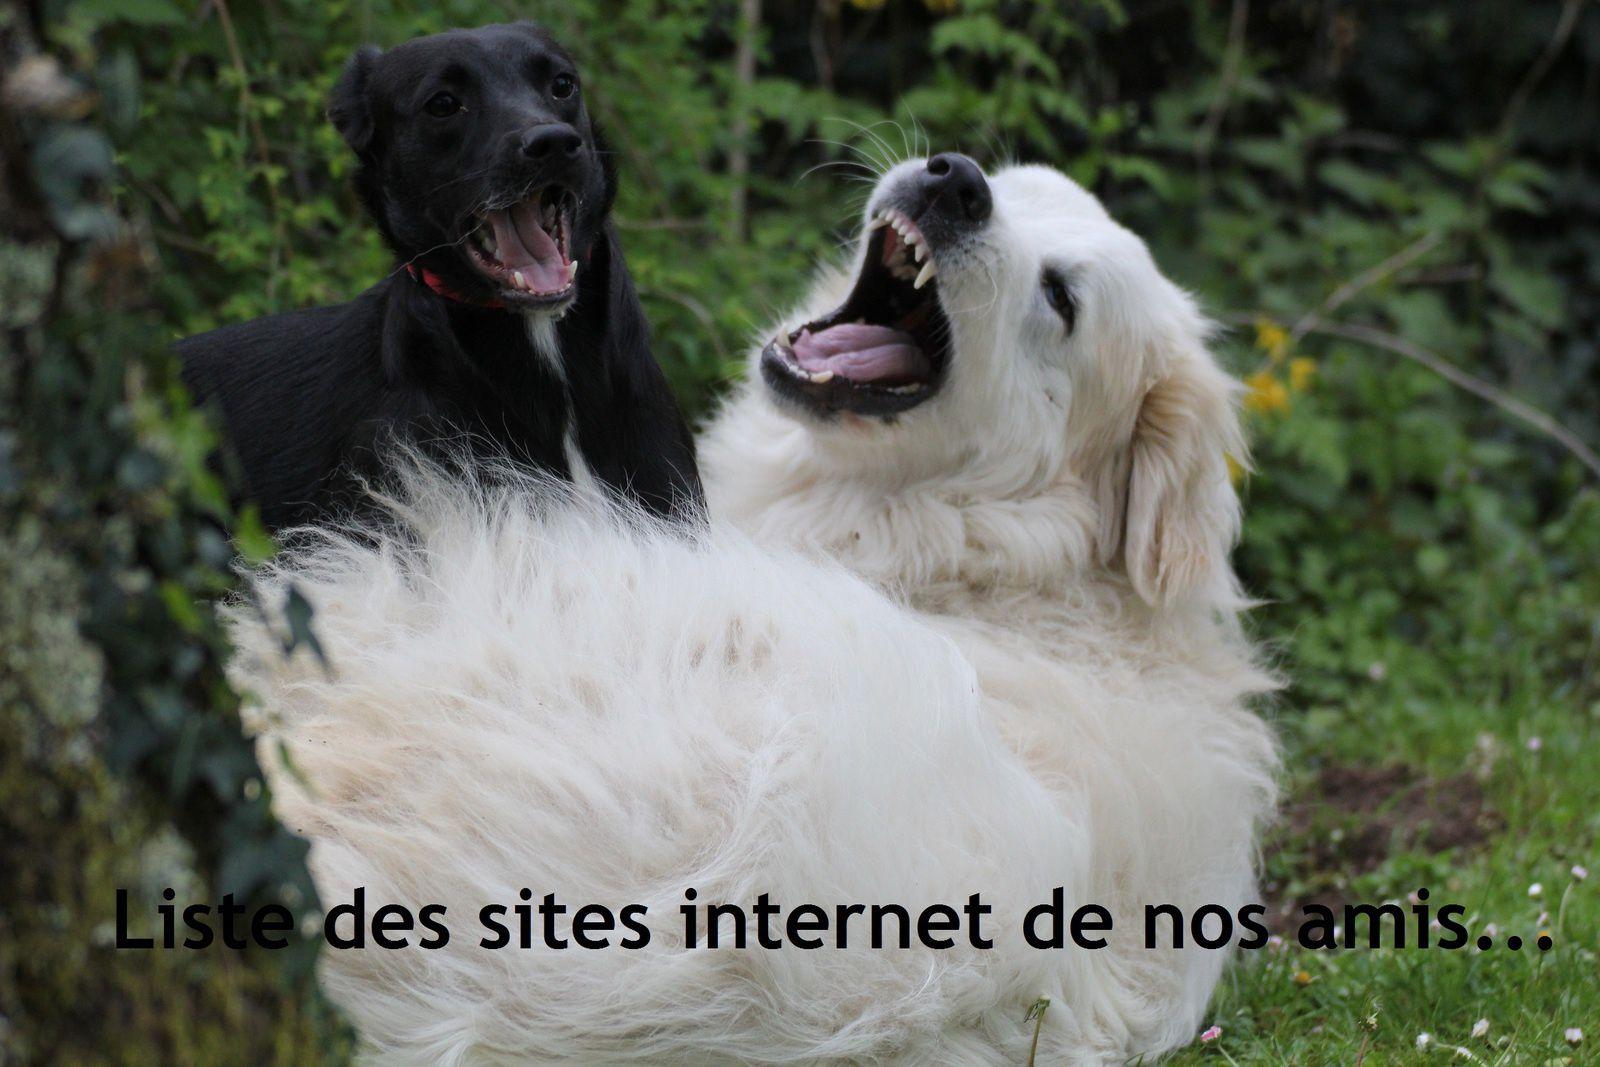 La liste des sites internet de nos amis (incomplète)...